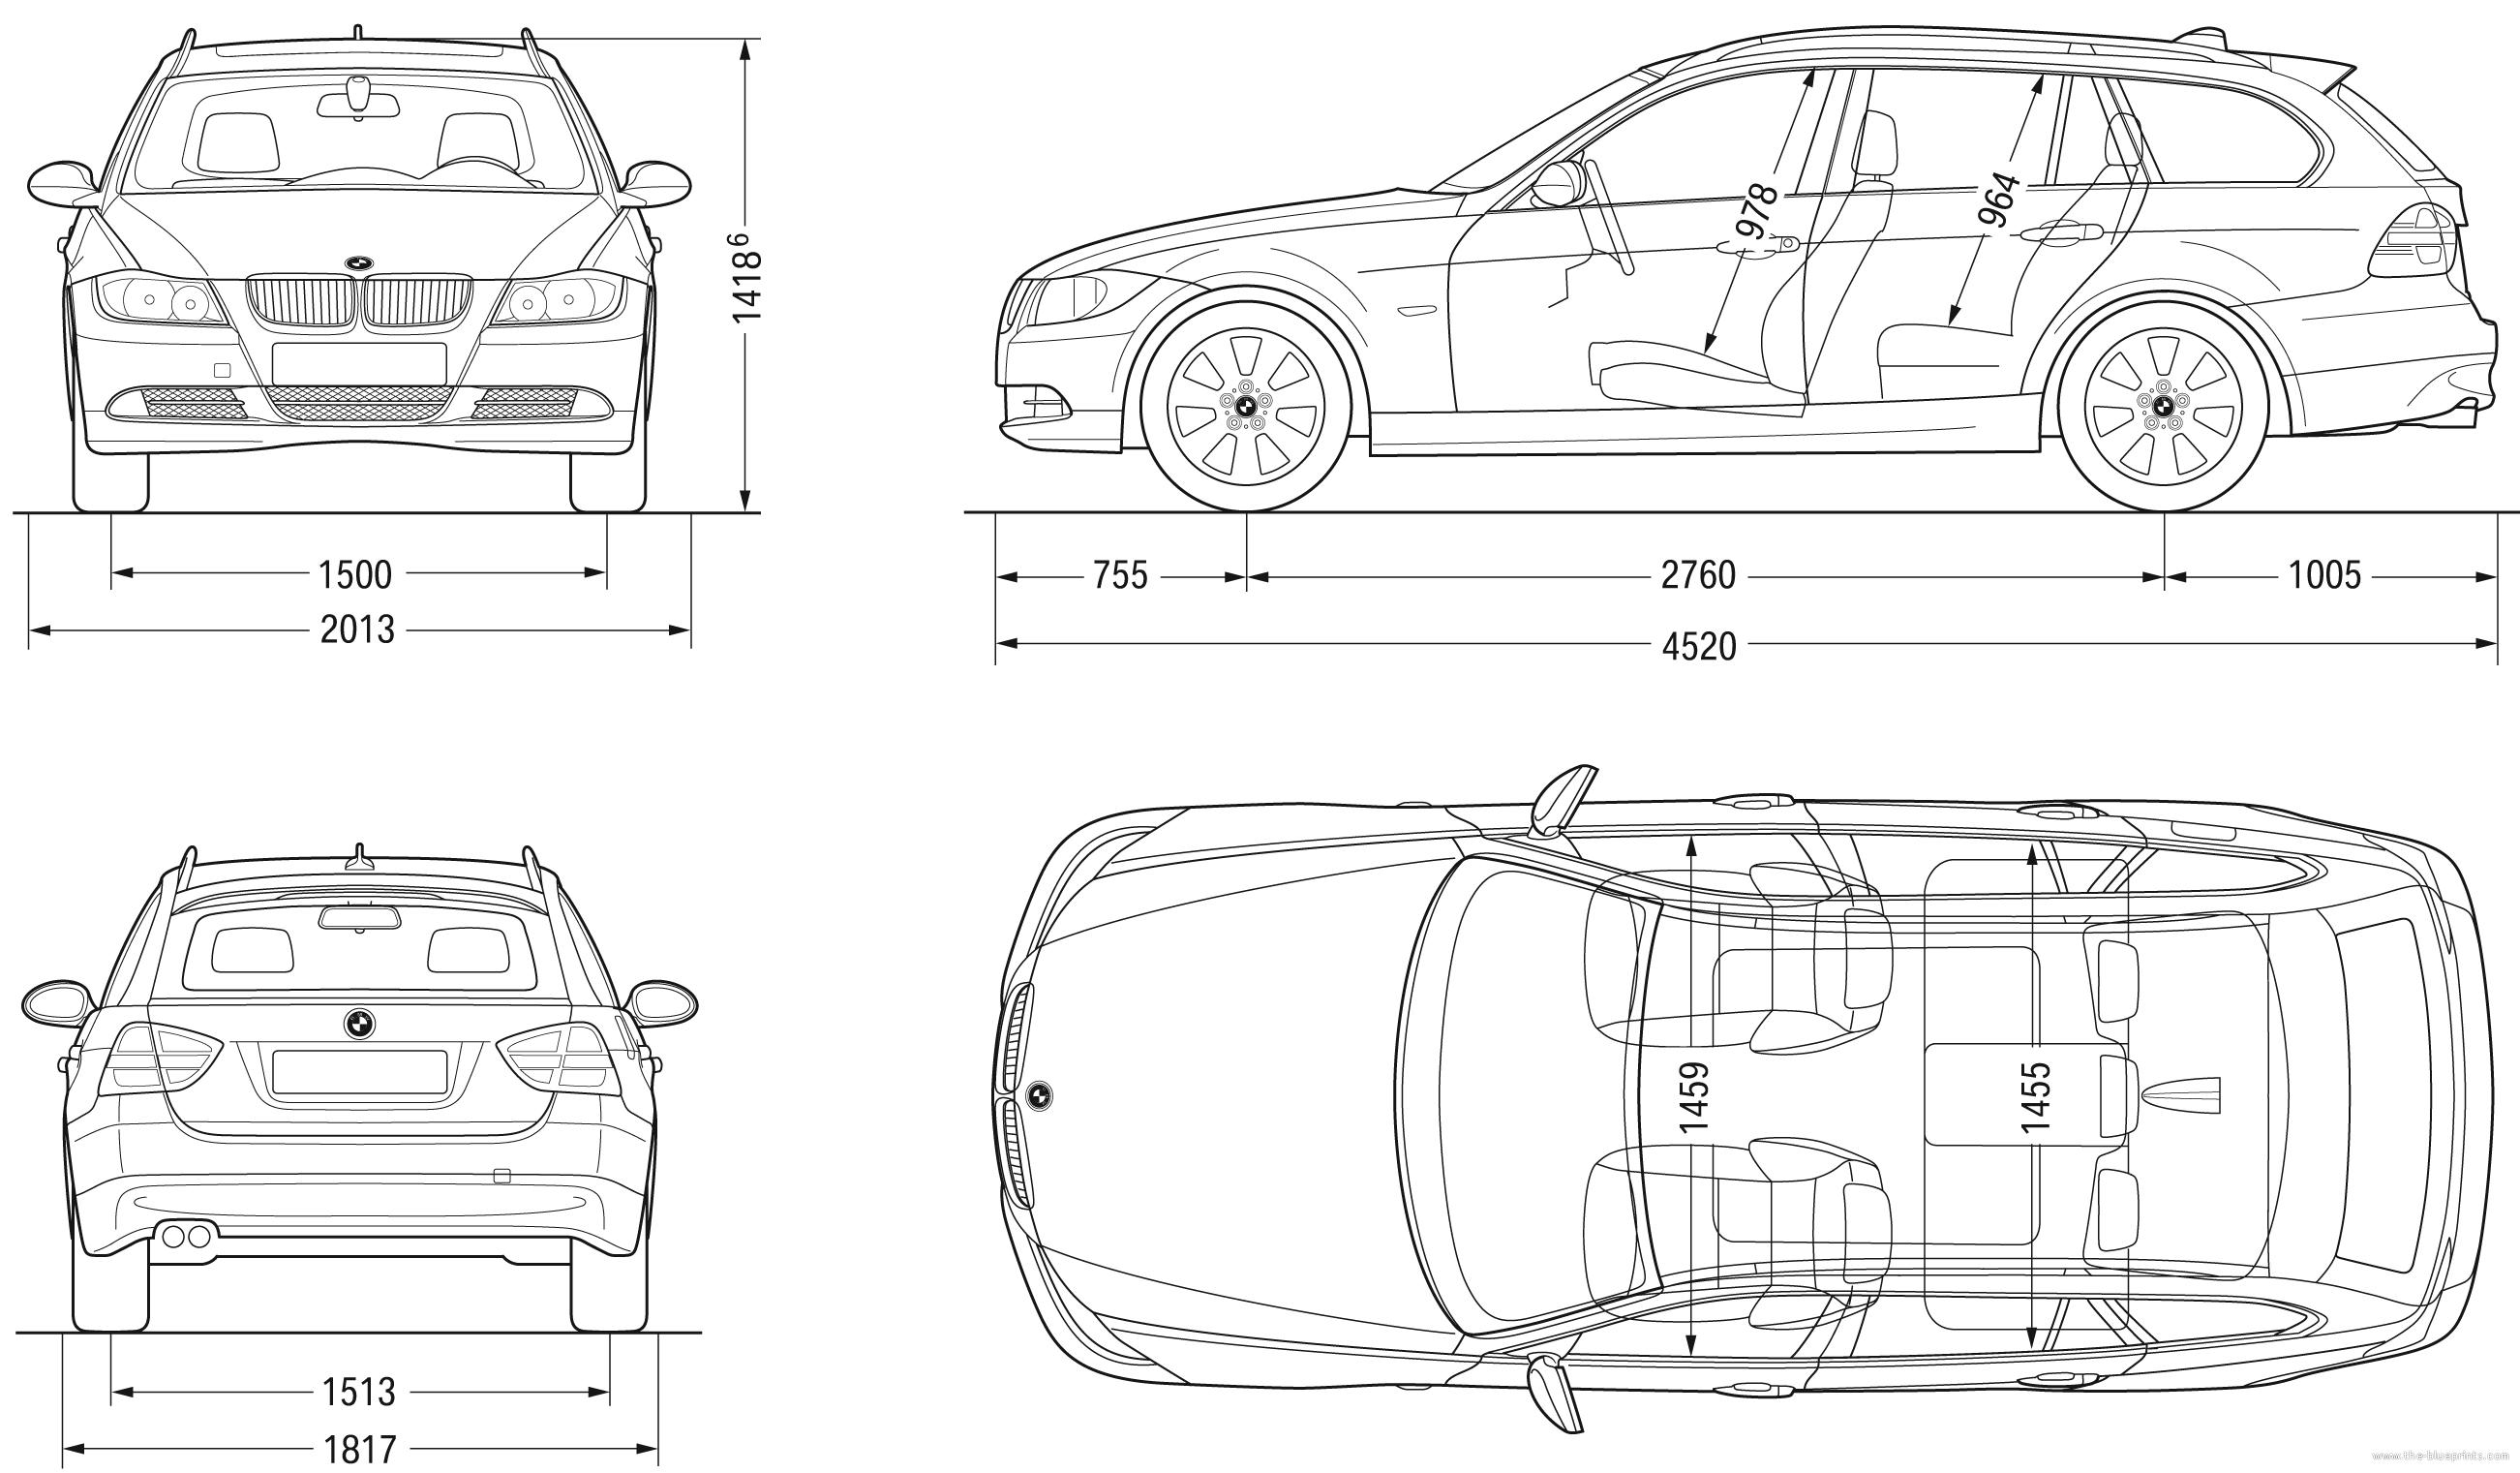 M3 Csl Concept